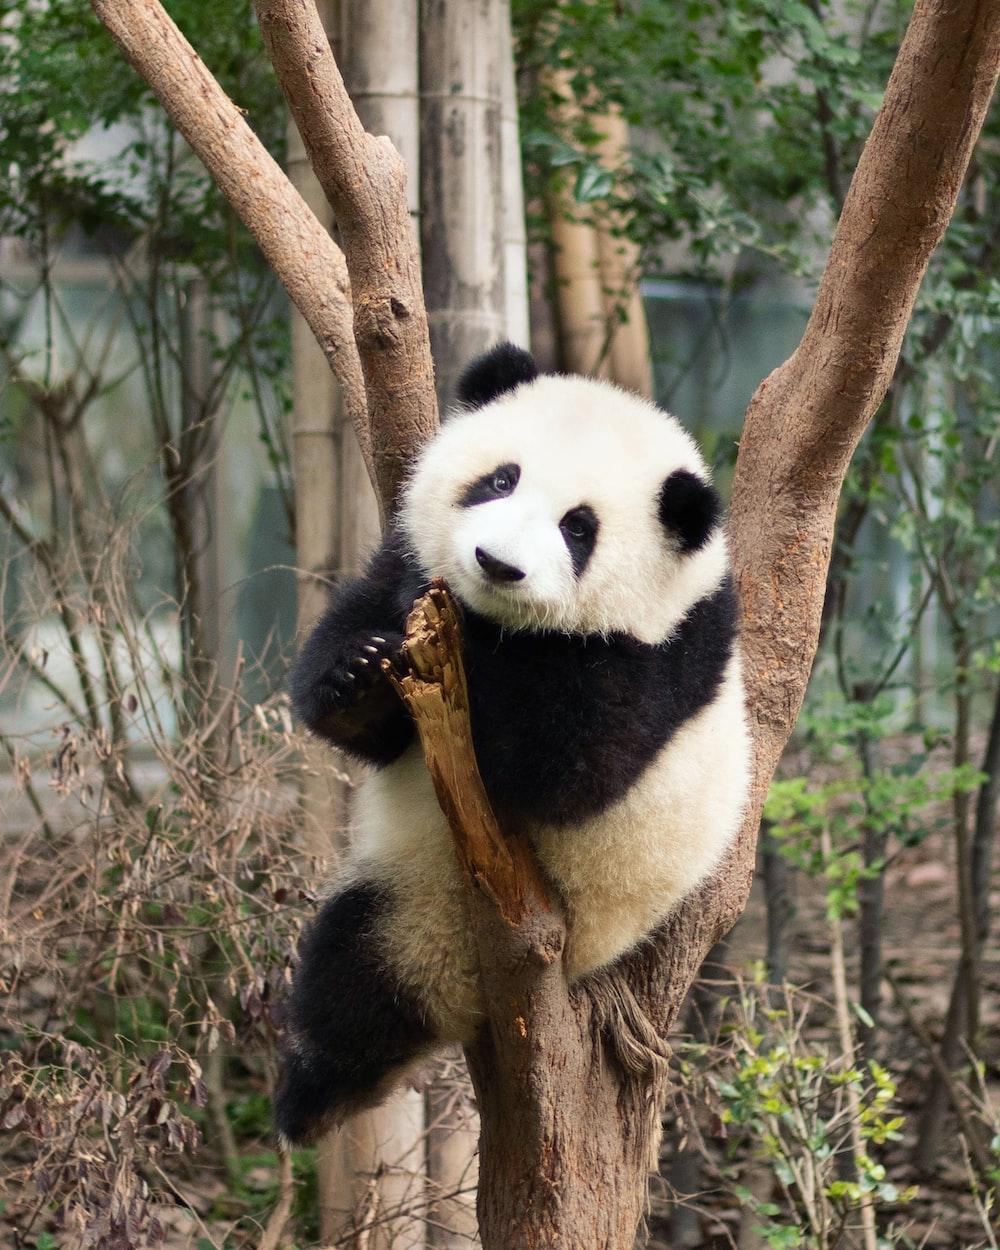 panda bear on brown tree branch during daytime